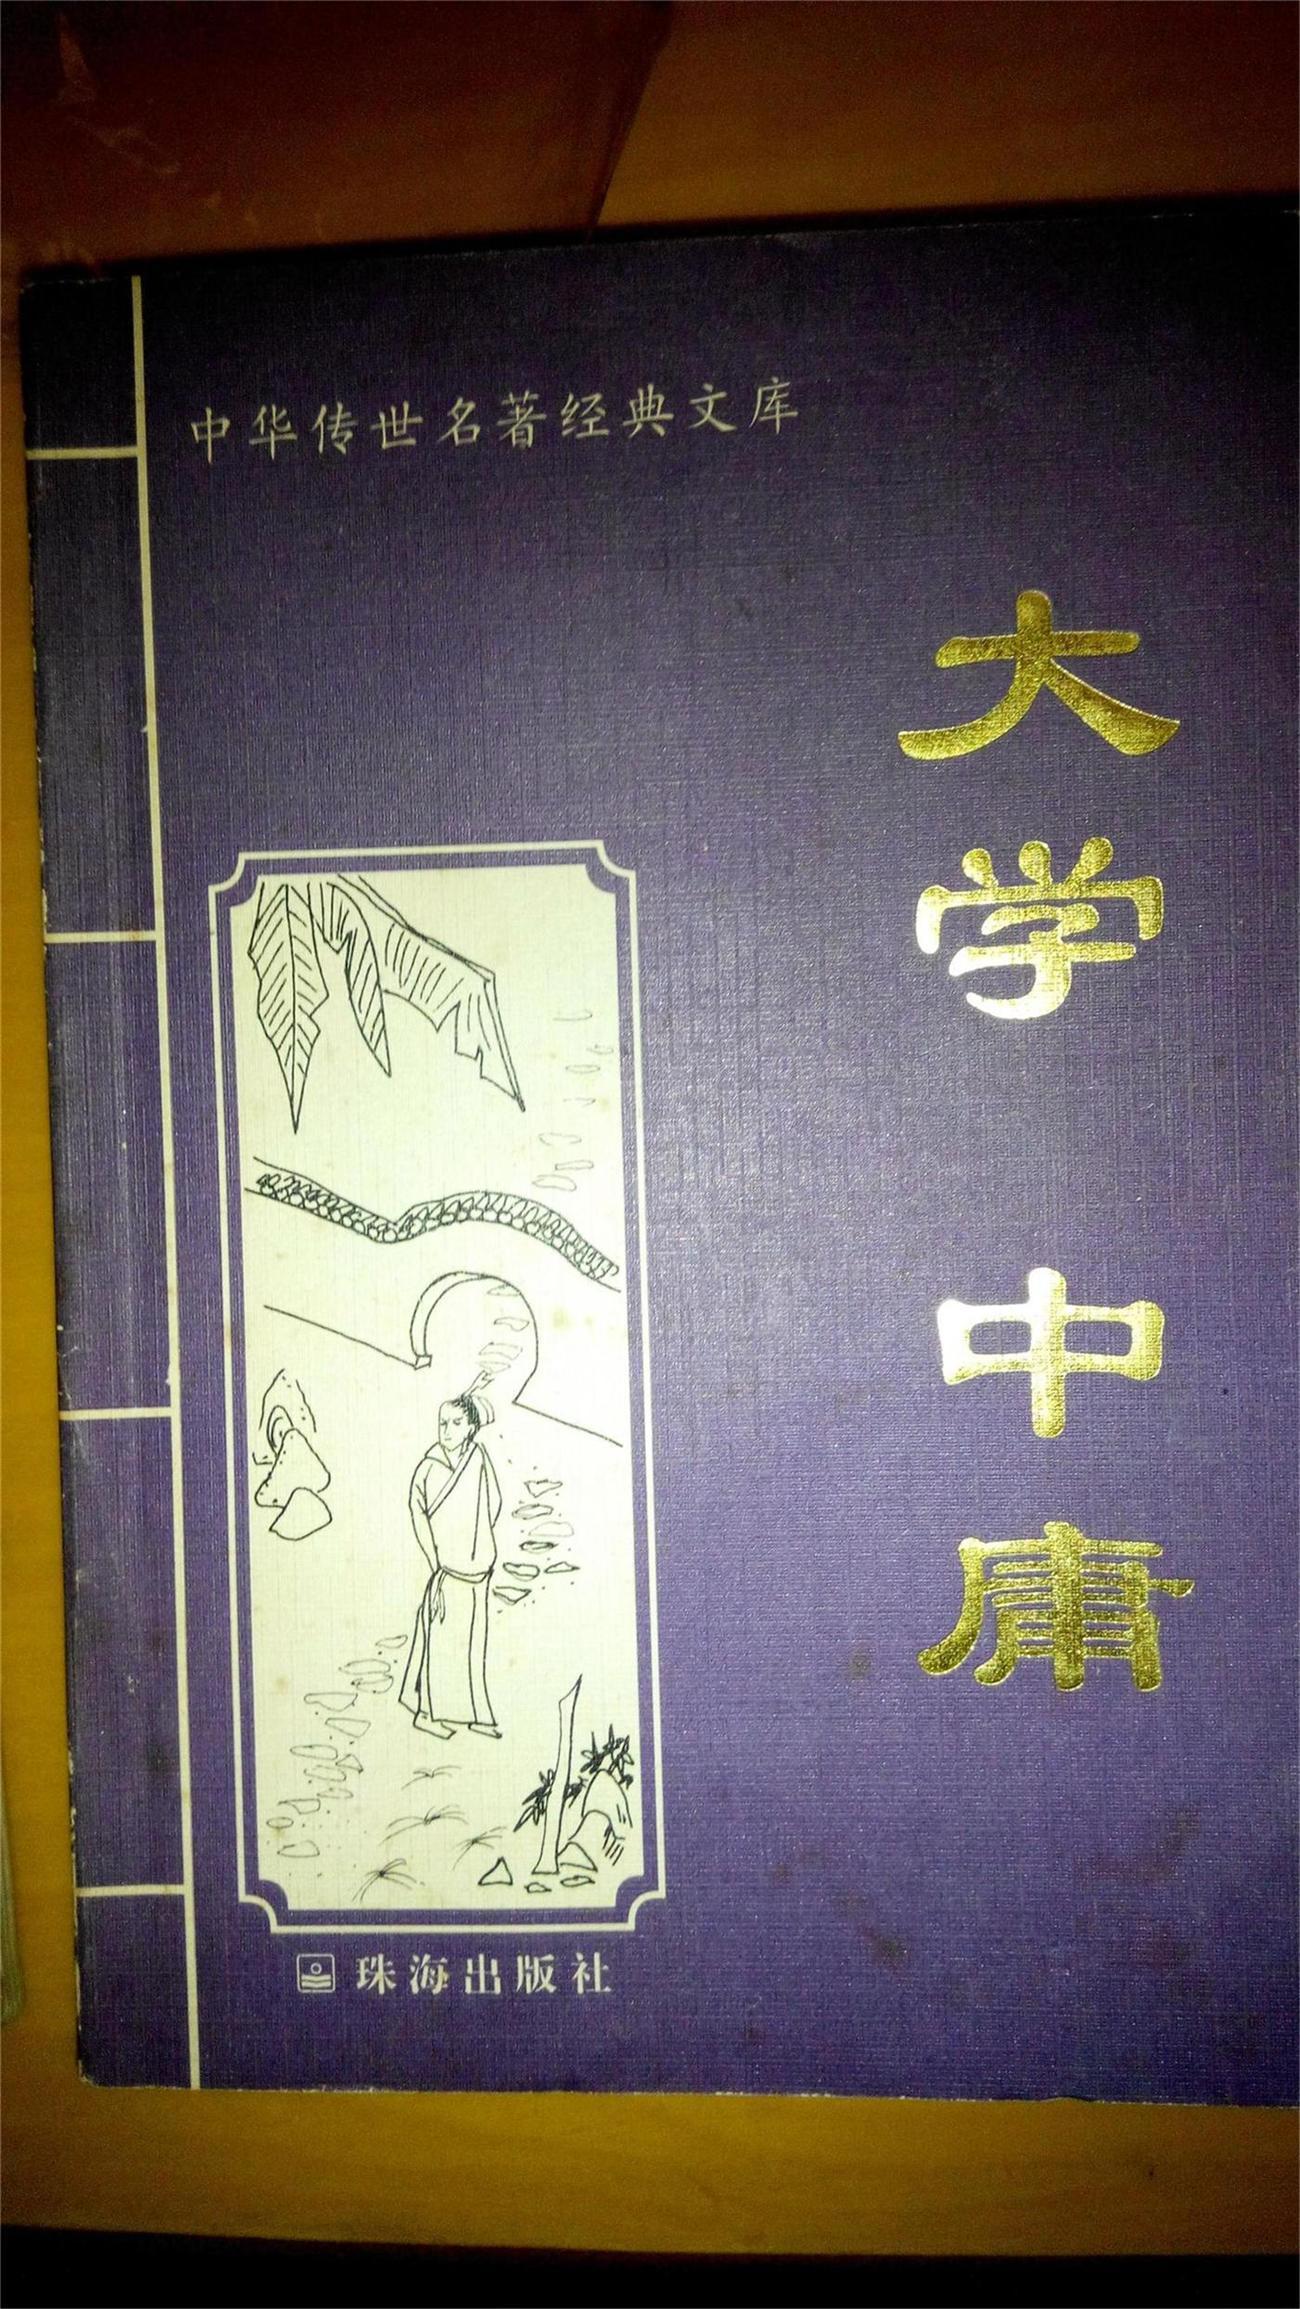 中华传世名著经典文库  大学中庸  仿线装  2003年一版一印 印数一万册